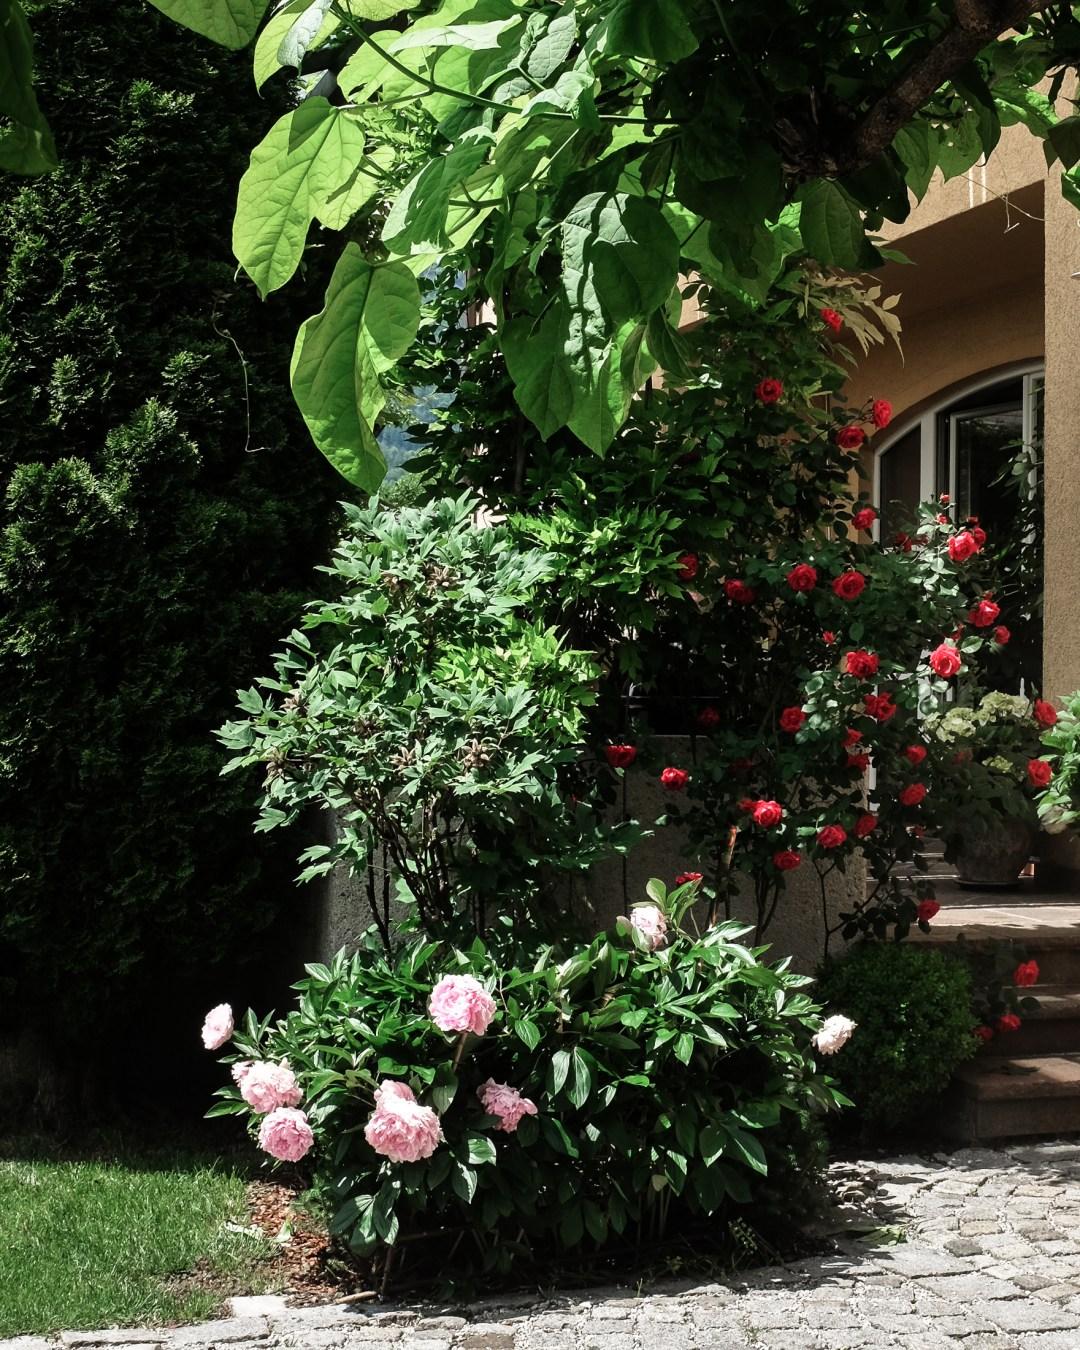 inastil, Ü50Blogger, mein schöner Garten, Sommergarten, Grillen, bestes Grillhähnchen, Sommertisch, toskanisches Platthuhn Rezept, outdoorliving, Rosen, Gartenblicke-18